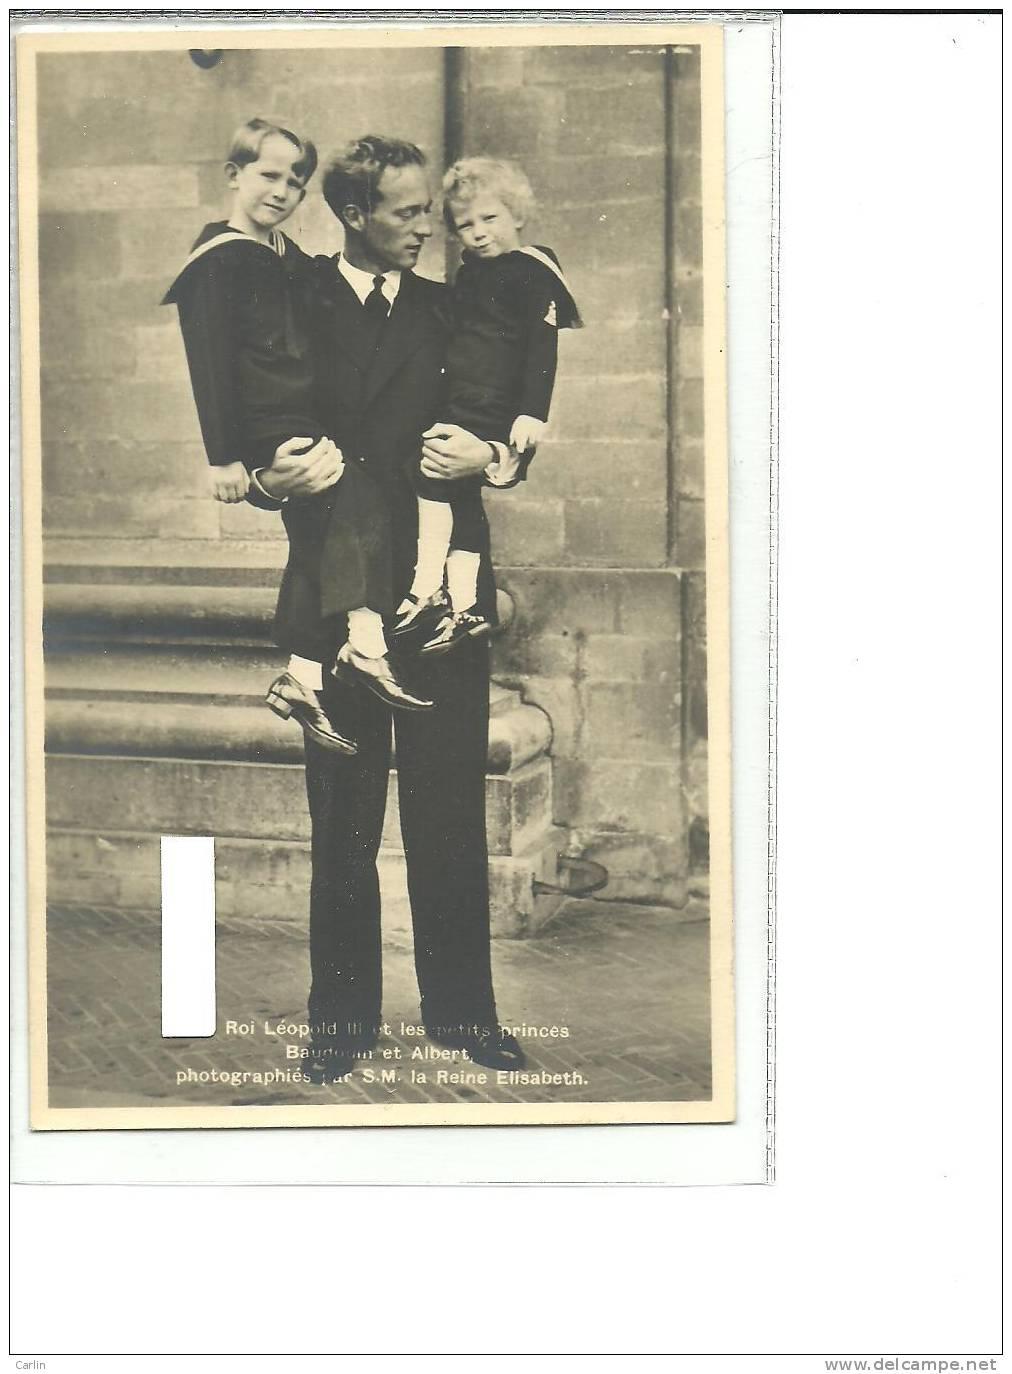 Belgique  Leopold III  Albert II  Baudouin - Familles Royales